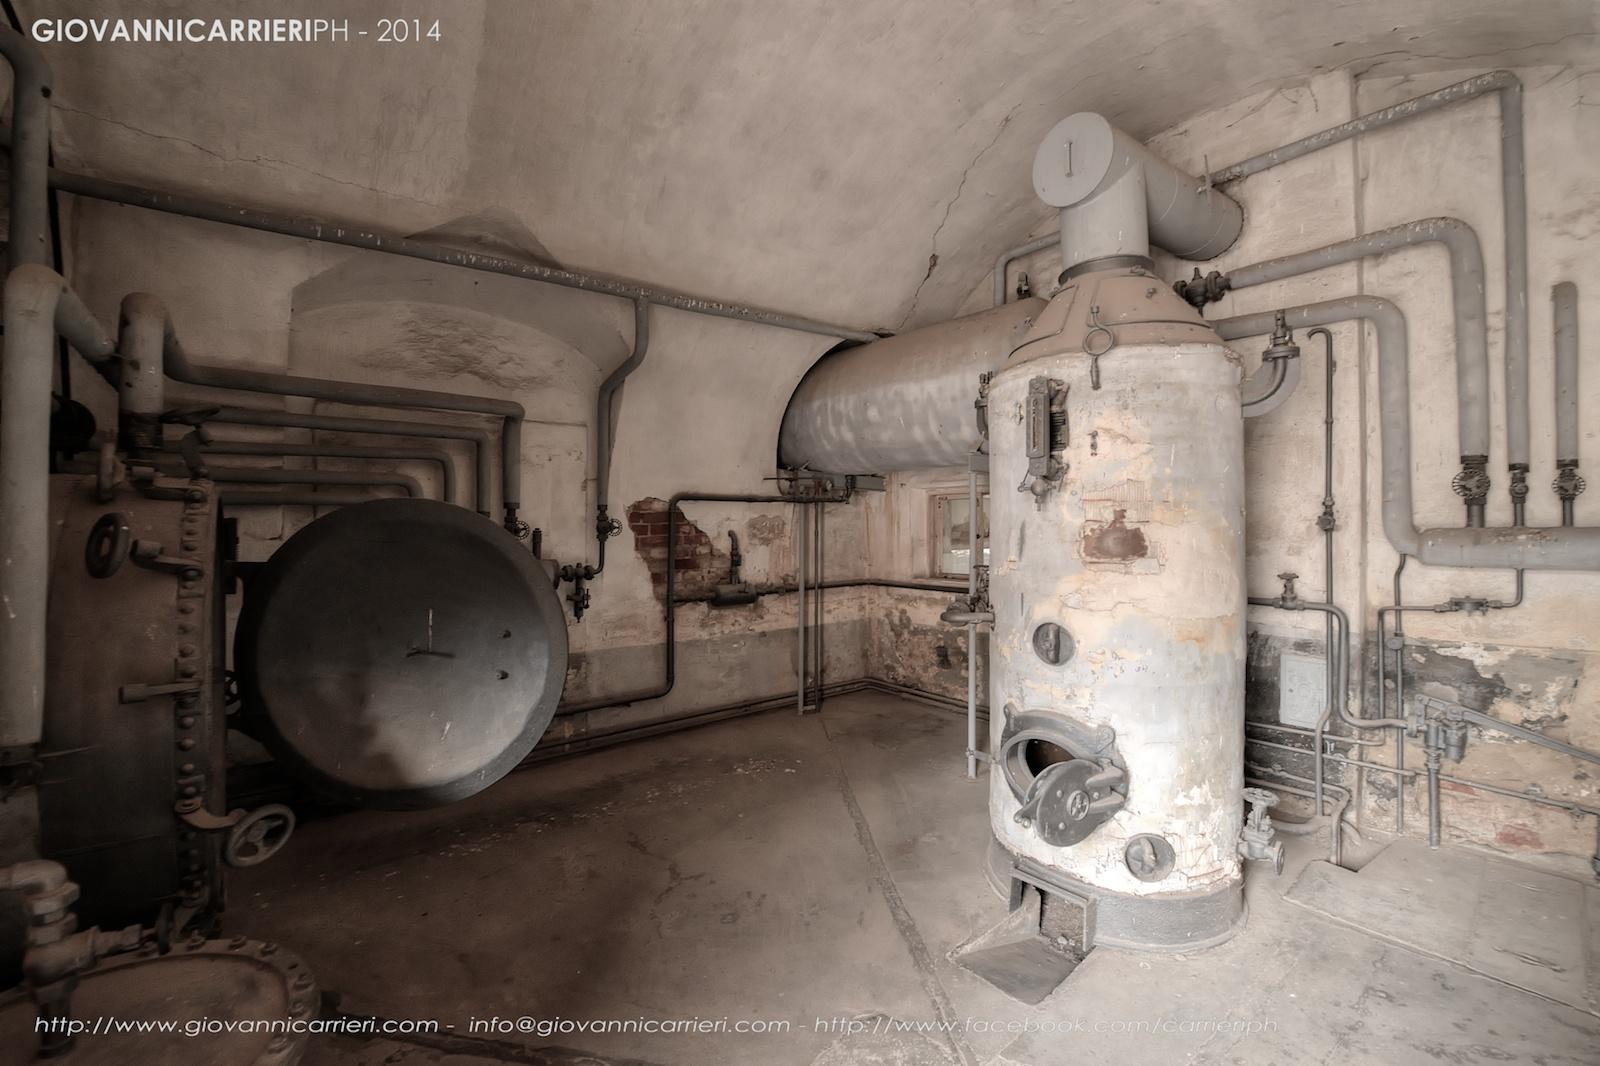 La camera di disinfestazione - Theresienstadt